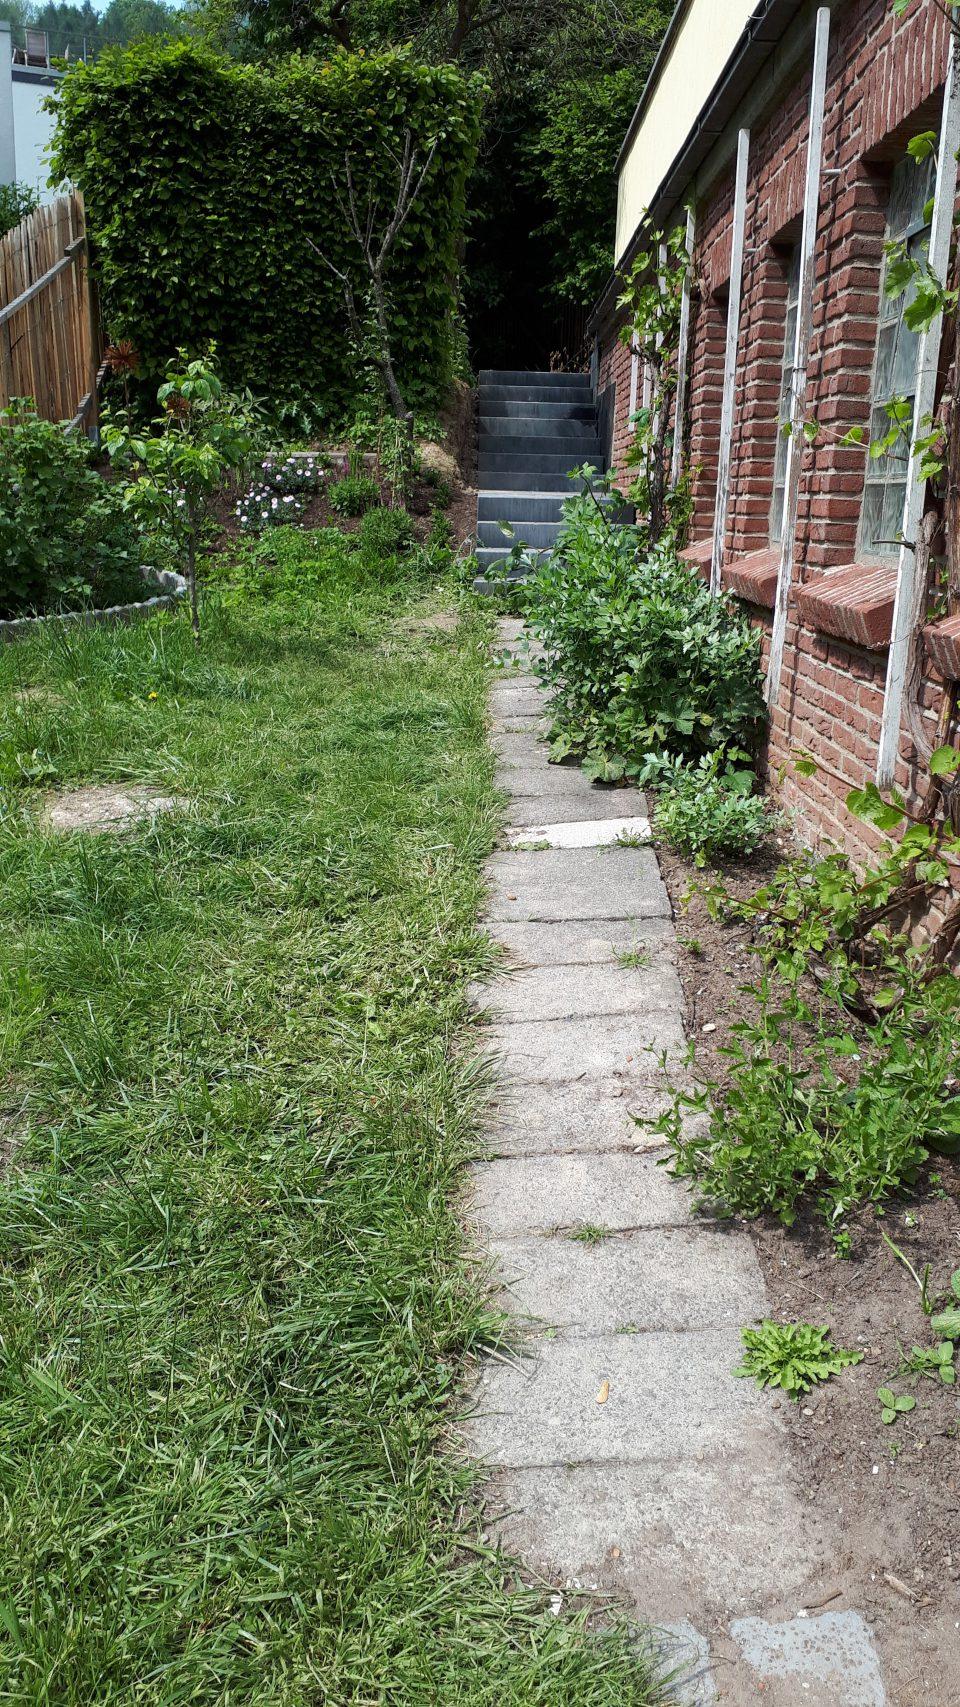 Die alten Betonblöcke als Gehweg neben der Garage, vor der Neugestaltung des Gartens.